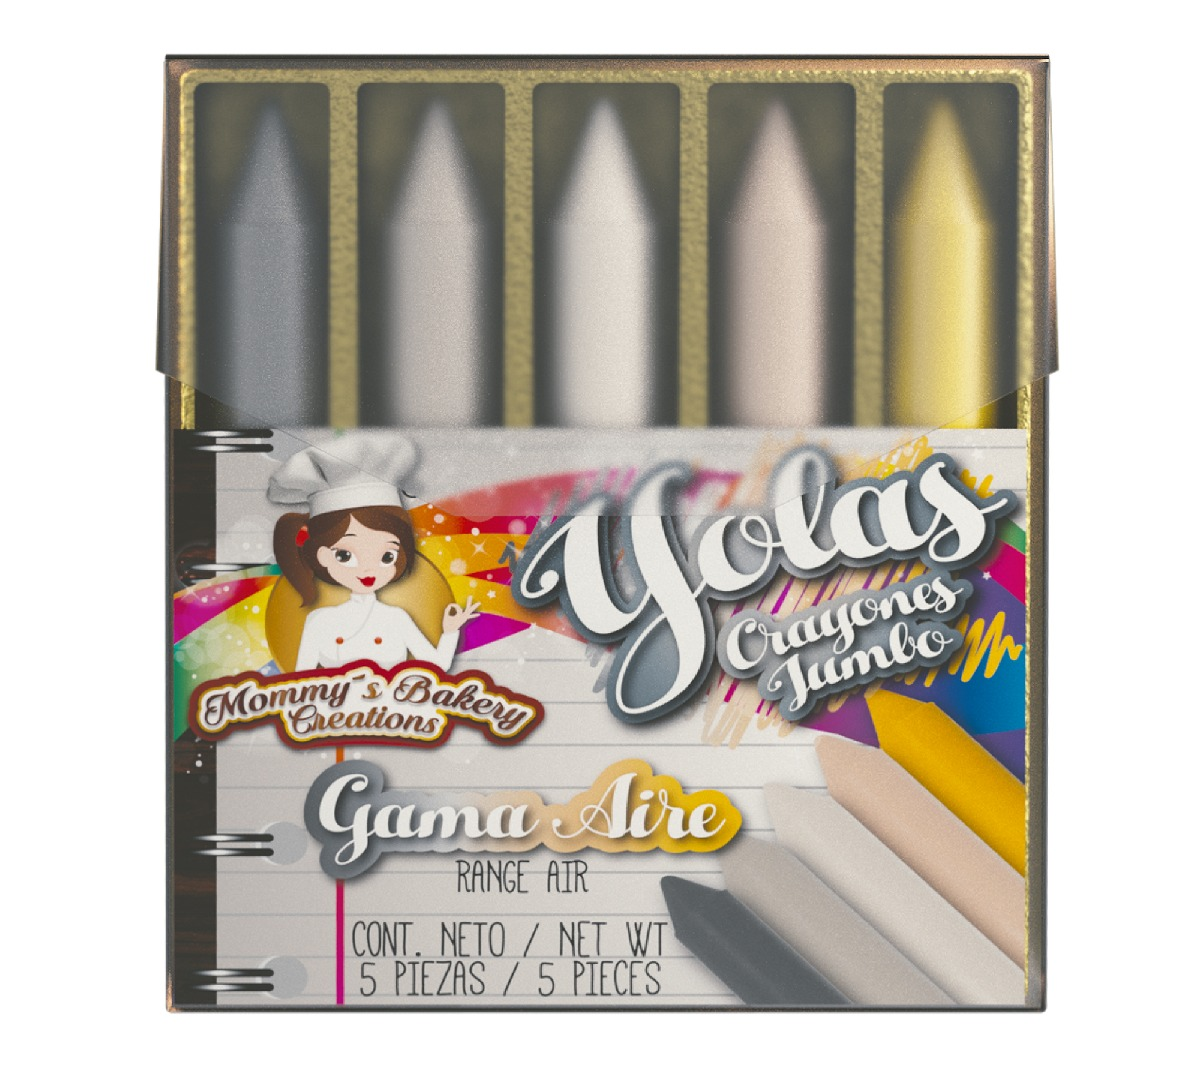 YOLAS crayones jumbo - Ma Baker and Chef y Mommy's Bakery...